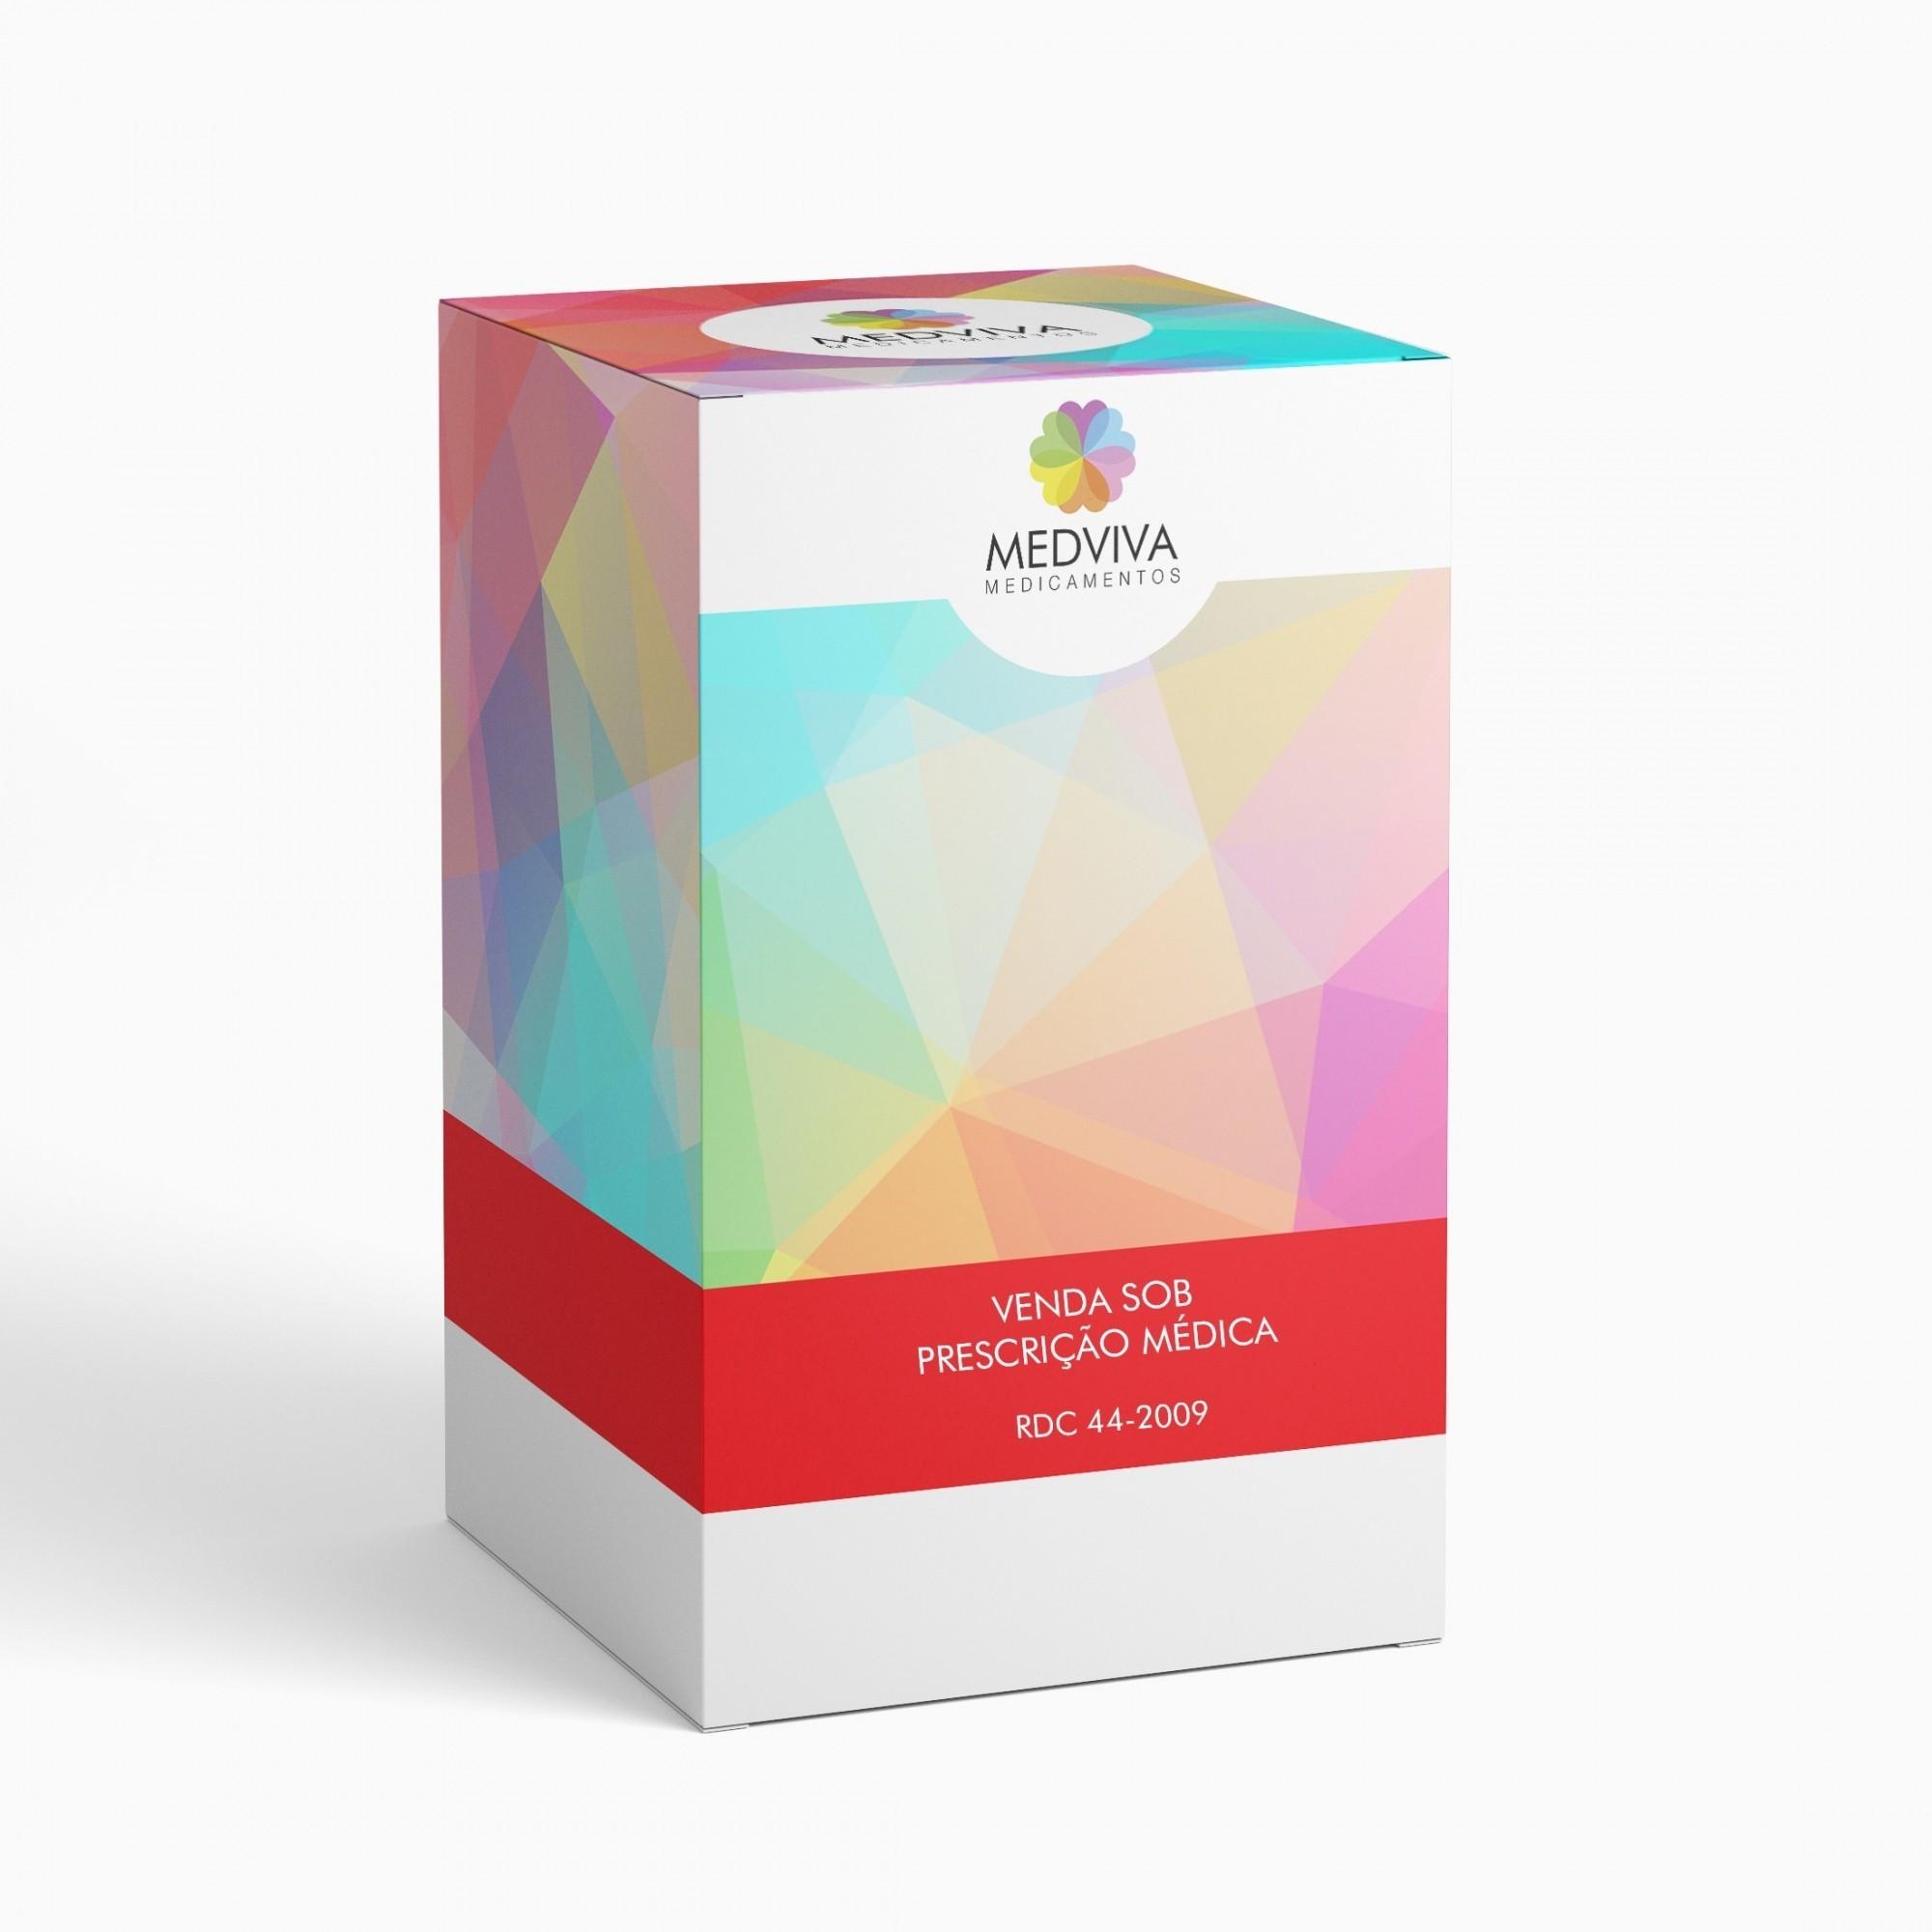 Ursacol 150mg Bl com 30 Comprimidos